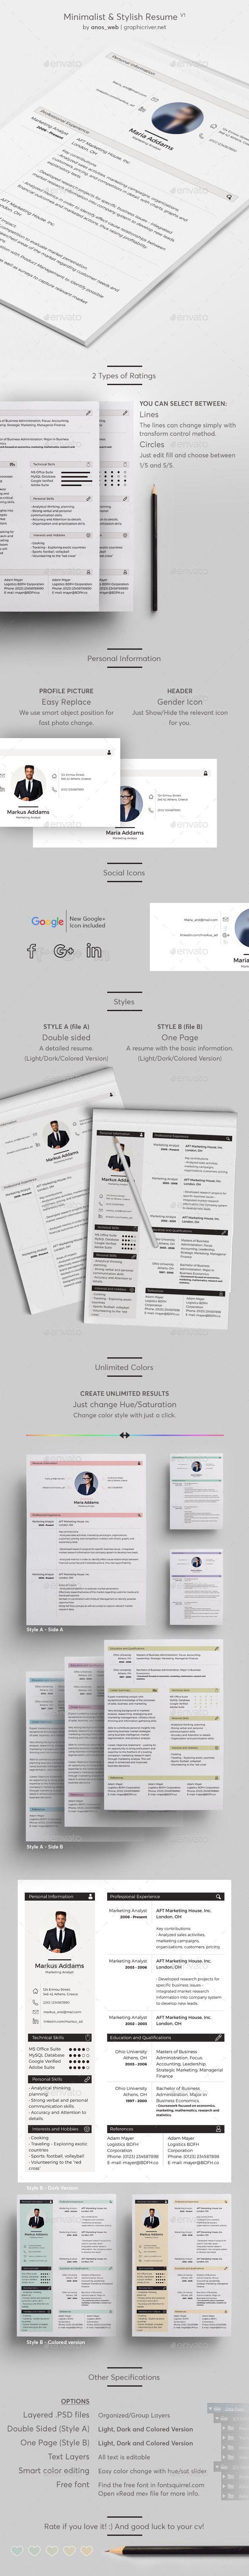 Minimalist & Stylish Resume